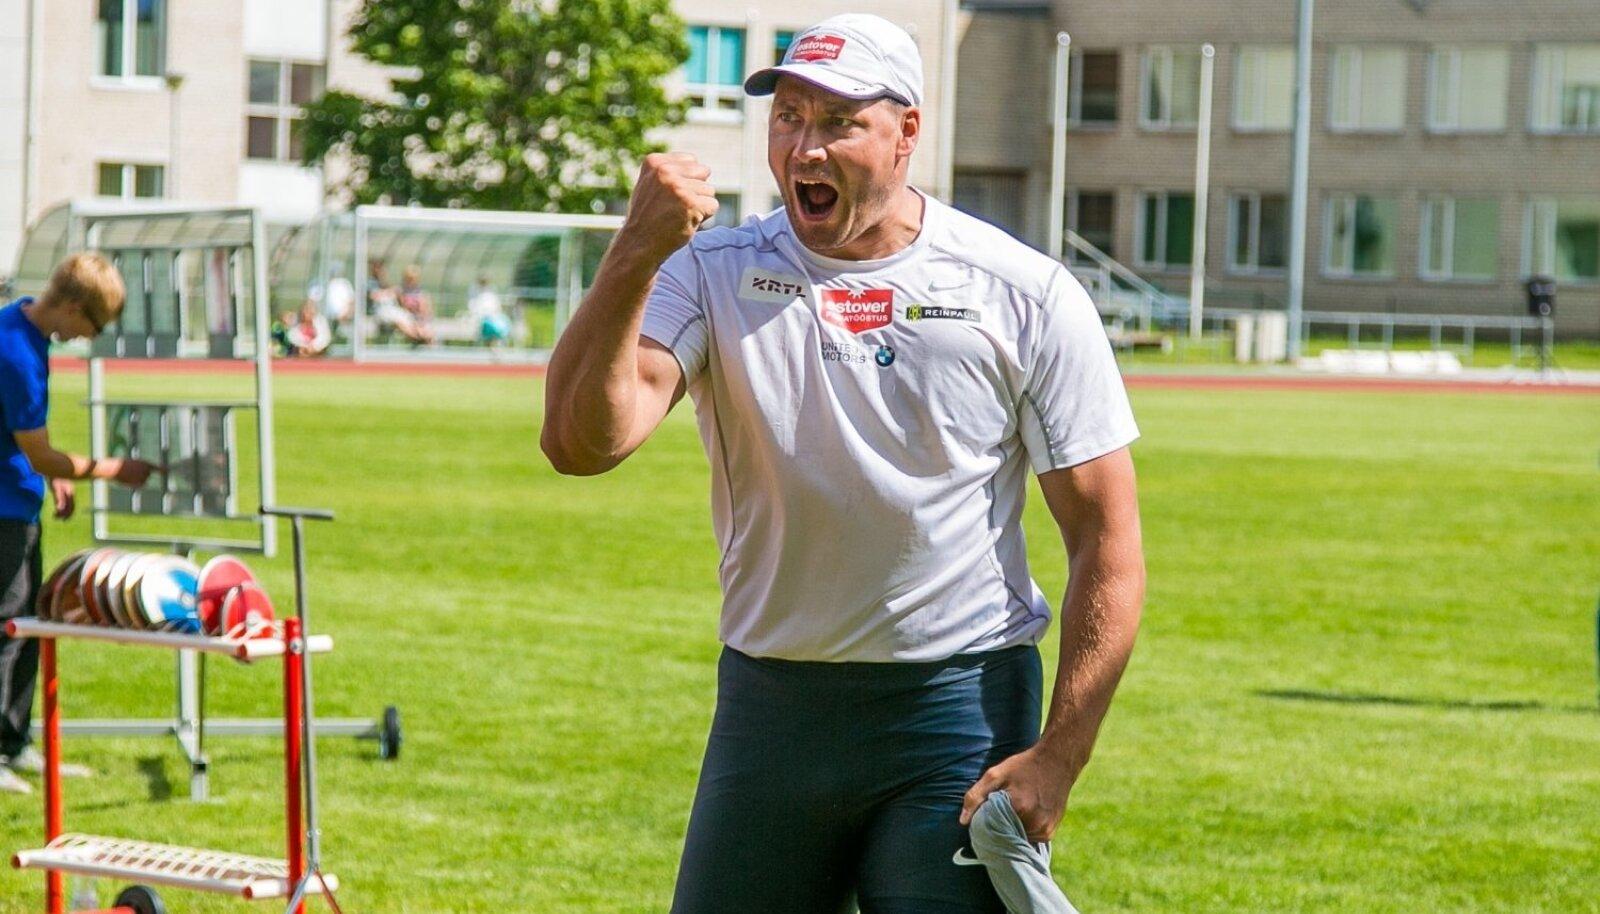 Rekordite muutmise käigus võib Gerd Kanterist saada maailmarekordi omanik.